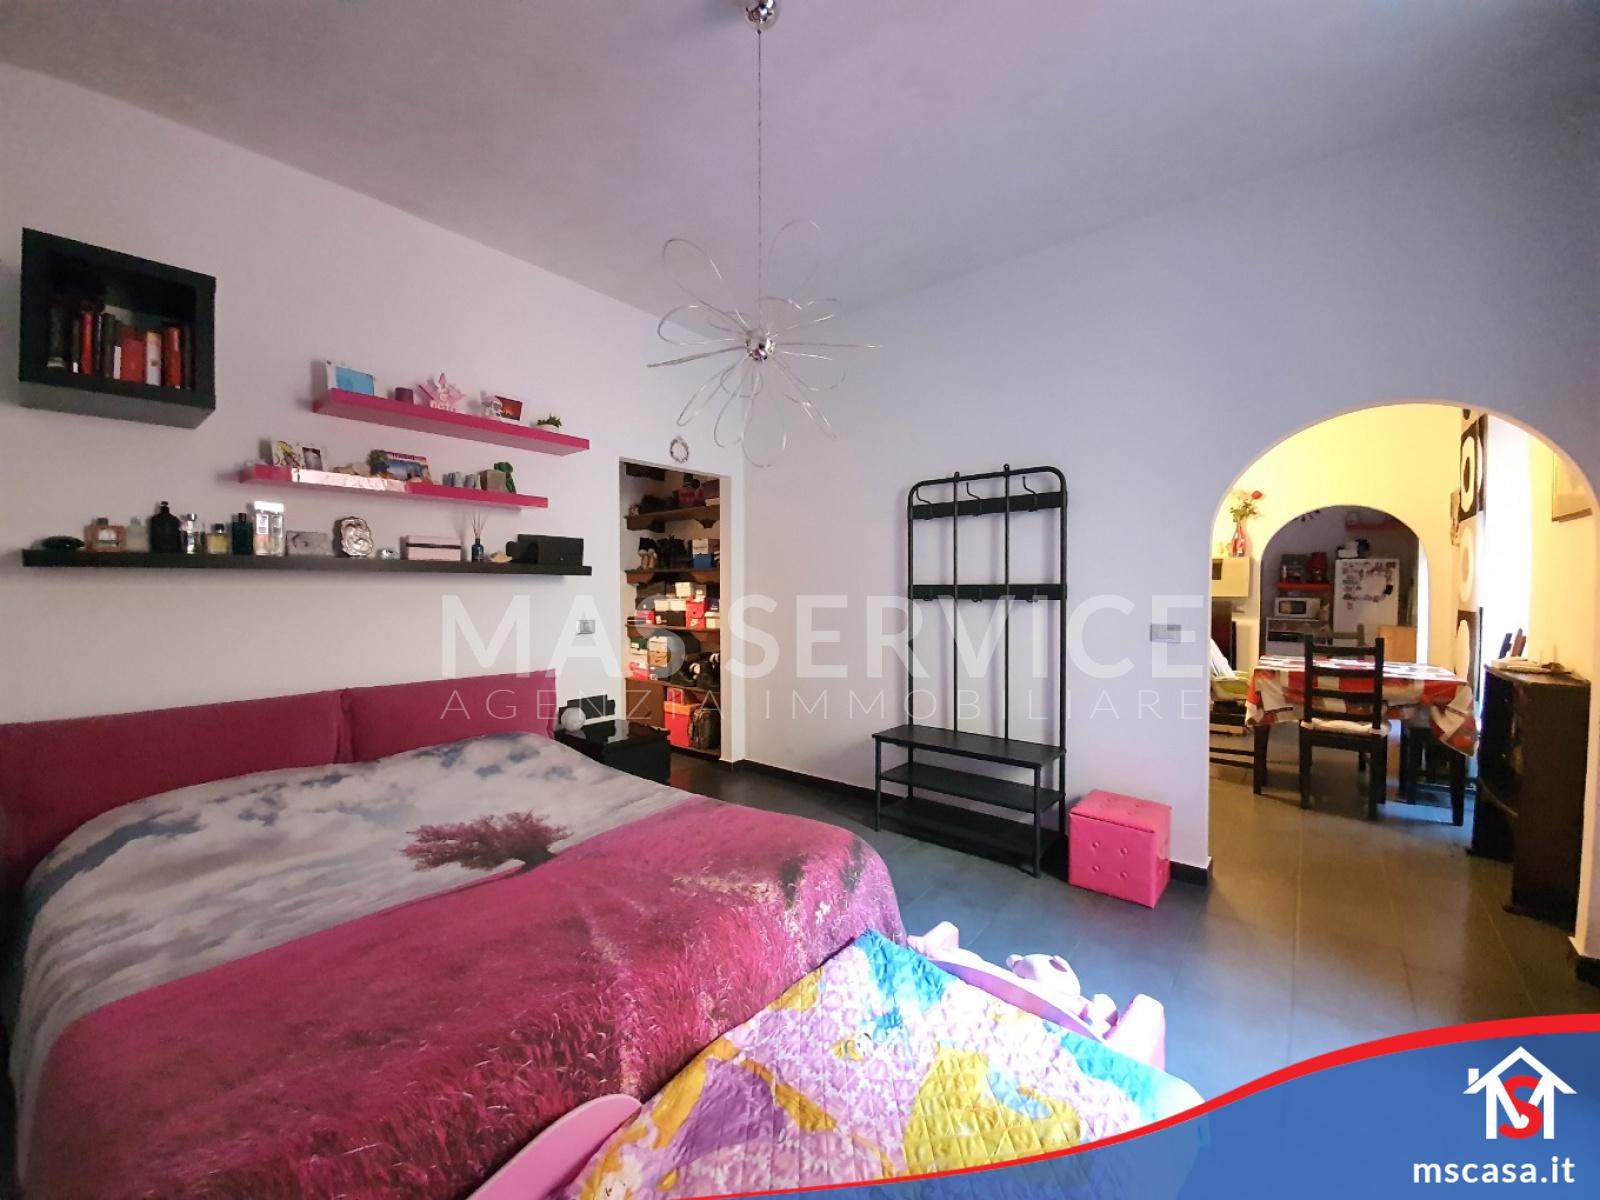 Bilocale in vendita zona Trullo a Roma Vista Camera Matrimoniale